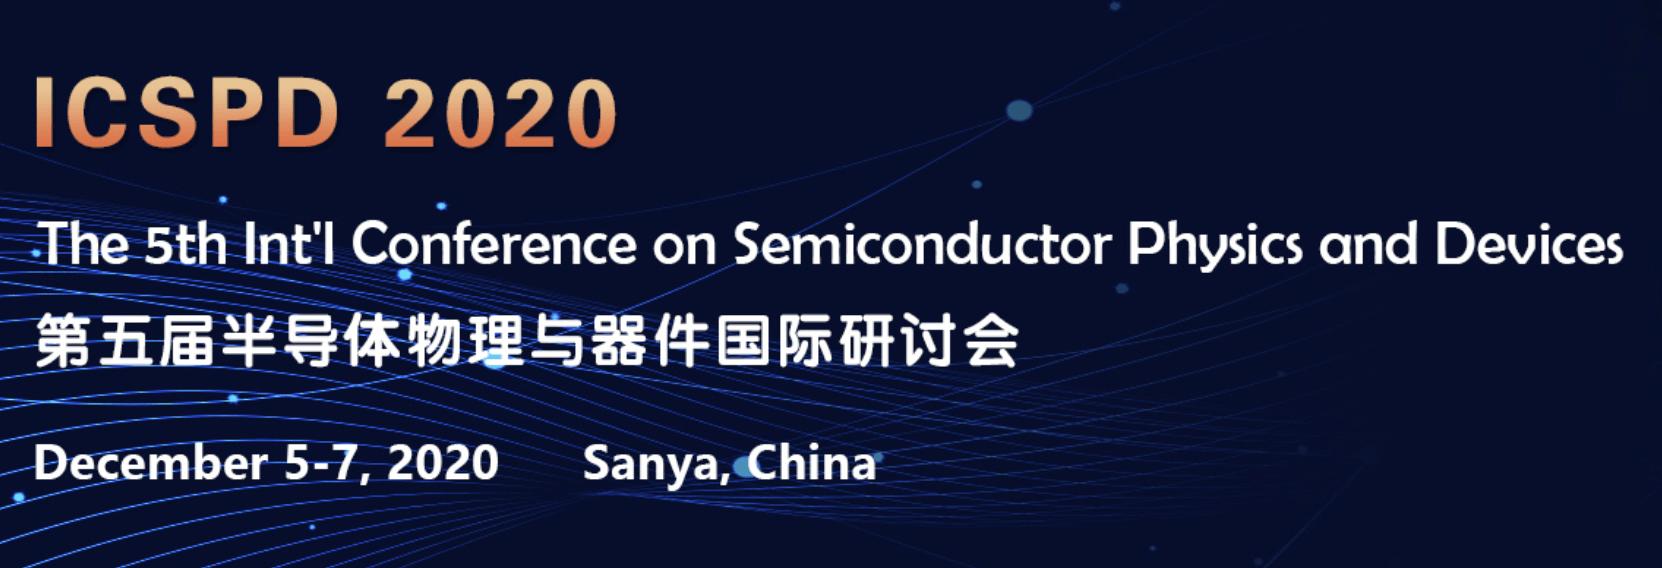 2020第五届半导体物理与器件国际研讨会 ICSPD 2020